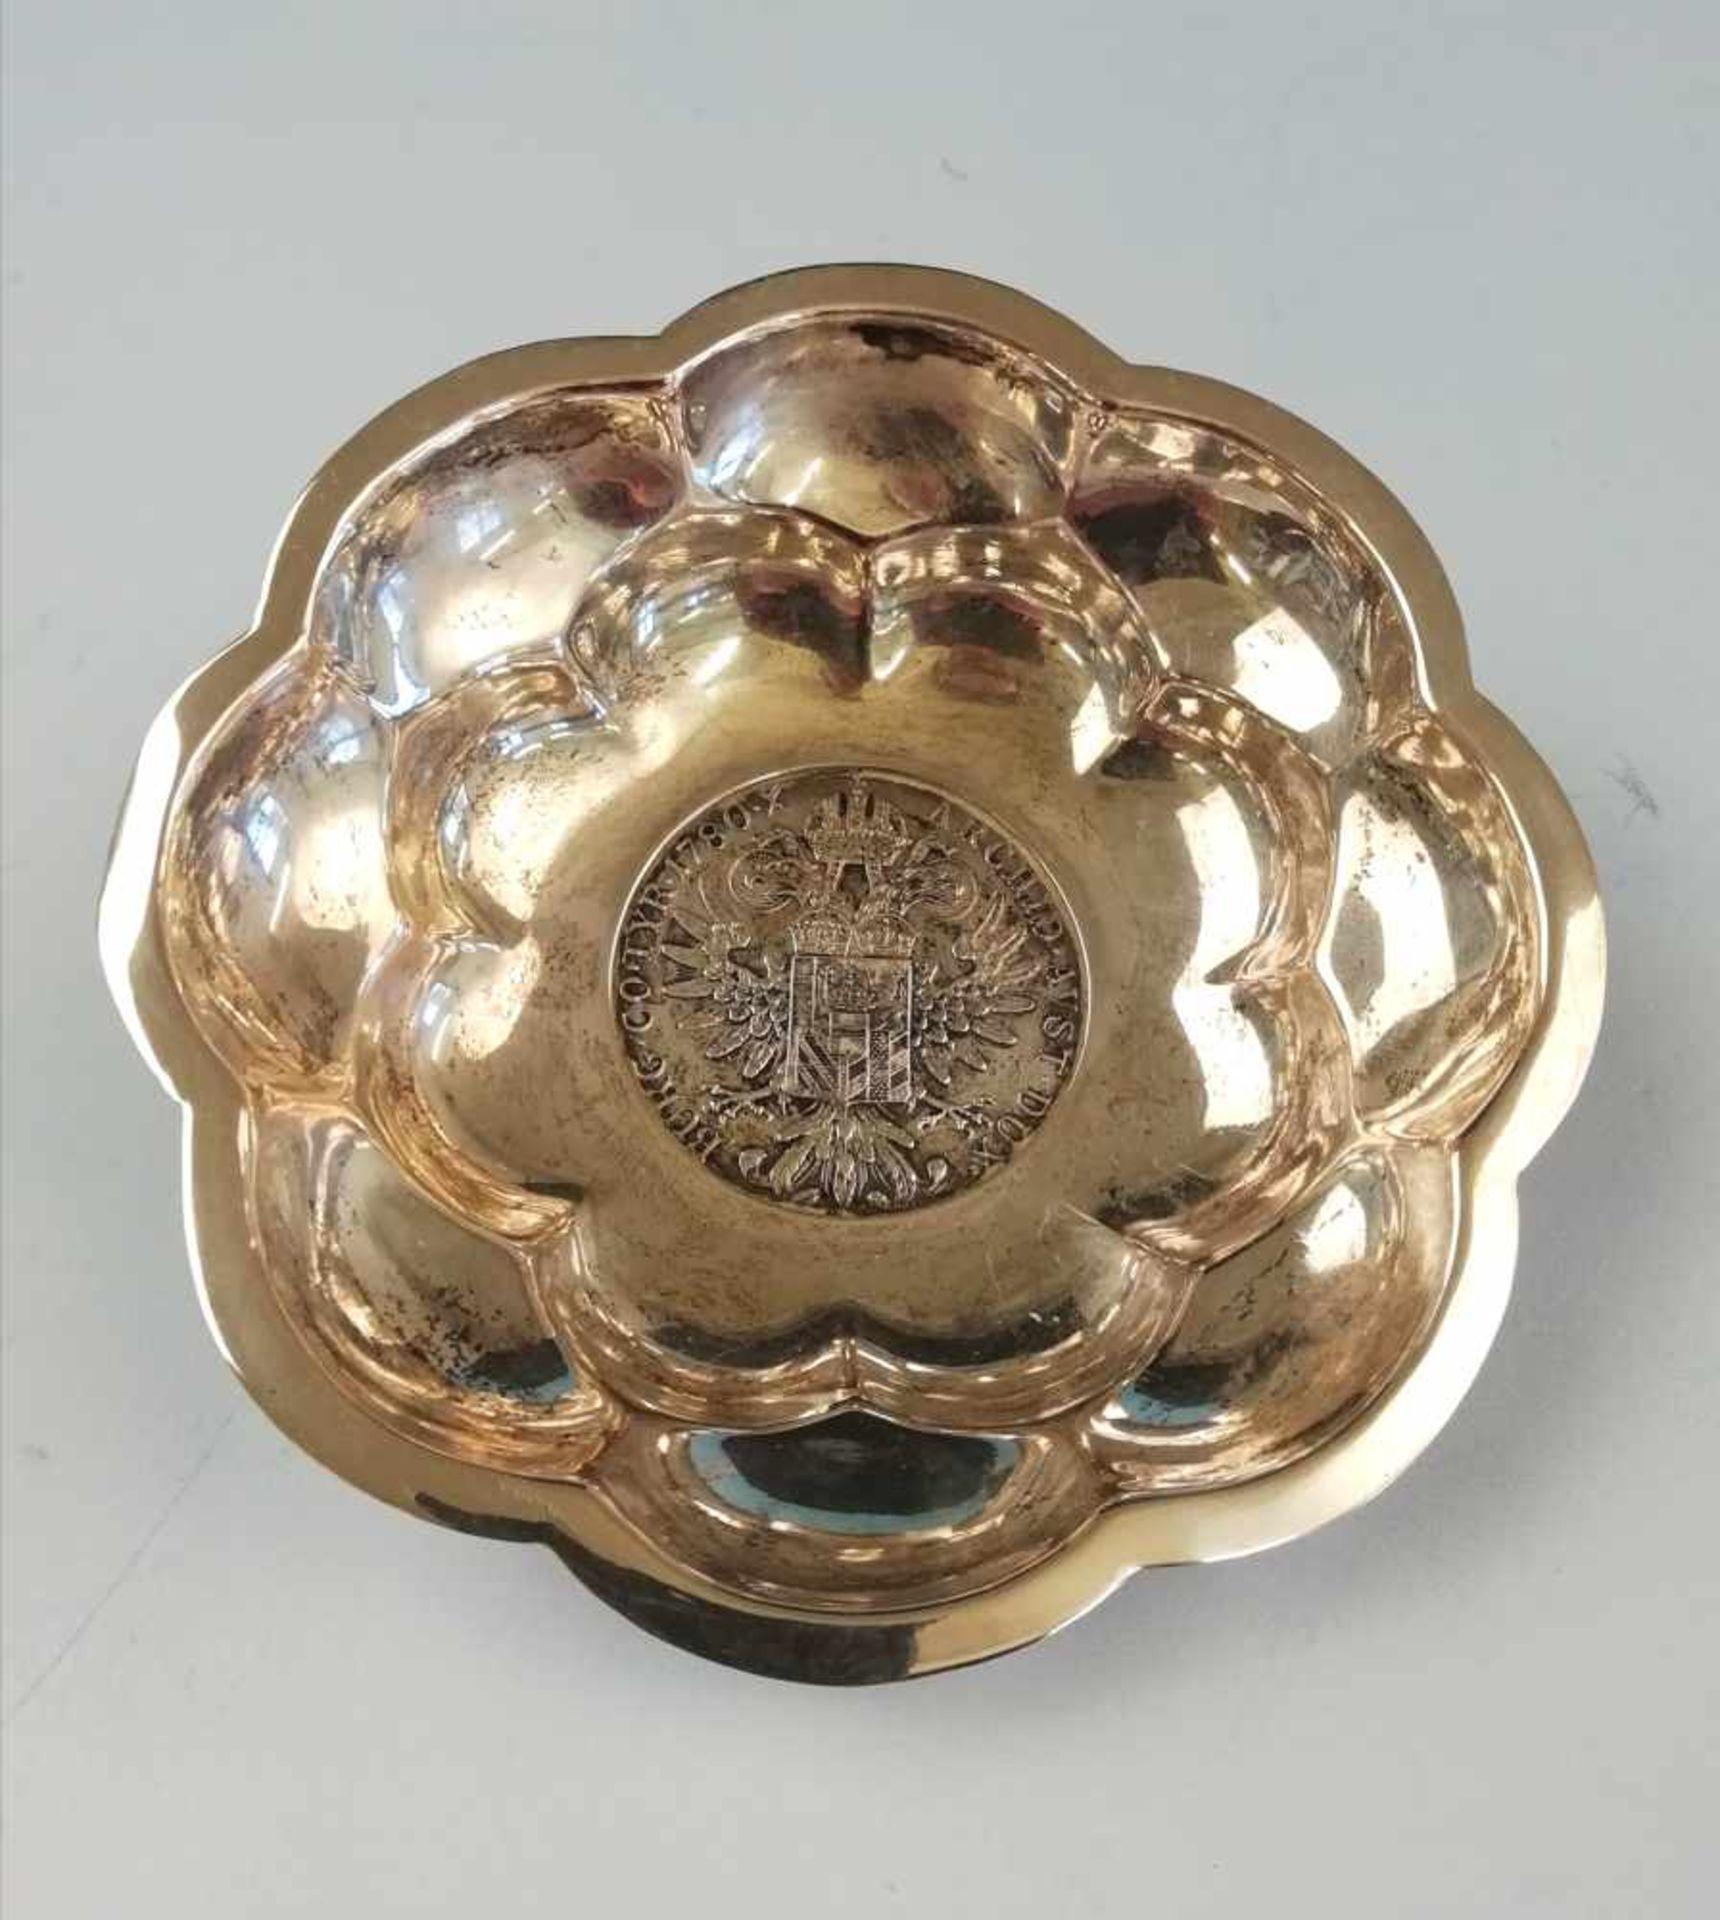 Los 38 - SchälchenSilber 800, Tukanpunze, im Mittel Maria Theresienthaler, 800/835, 76,3 g;